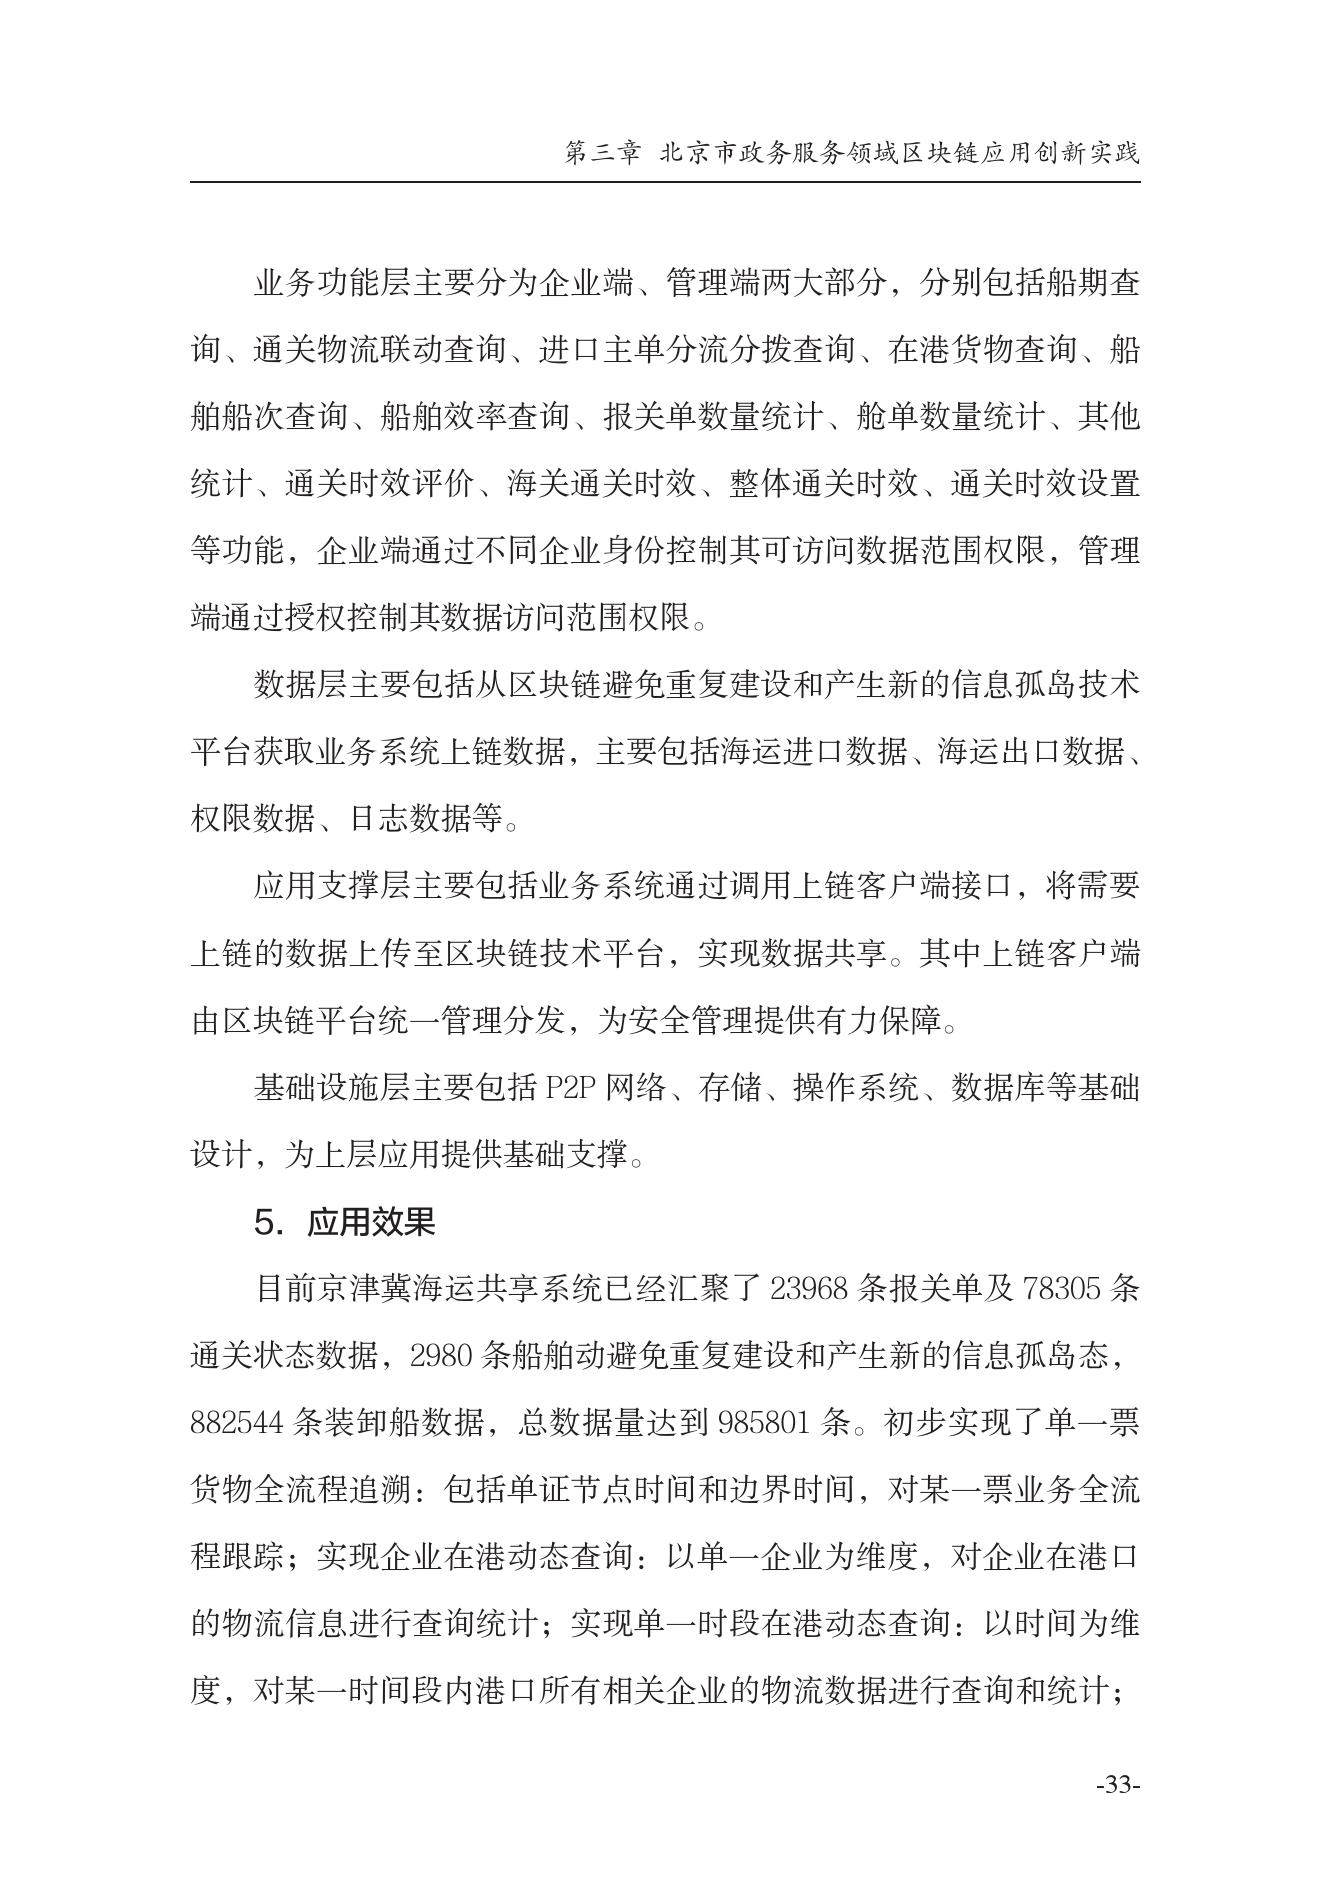 北京市政务服务领域区块链应用创新蓝皮书(可下载报告)插图(71)